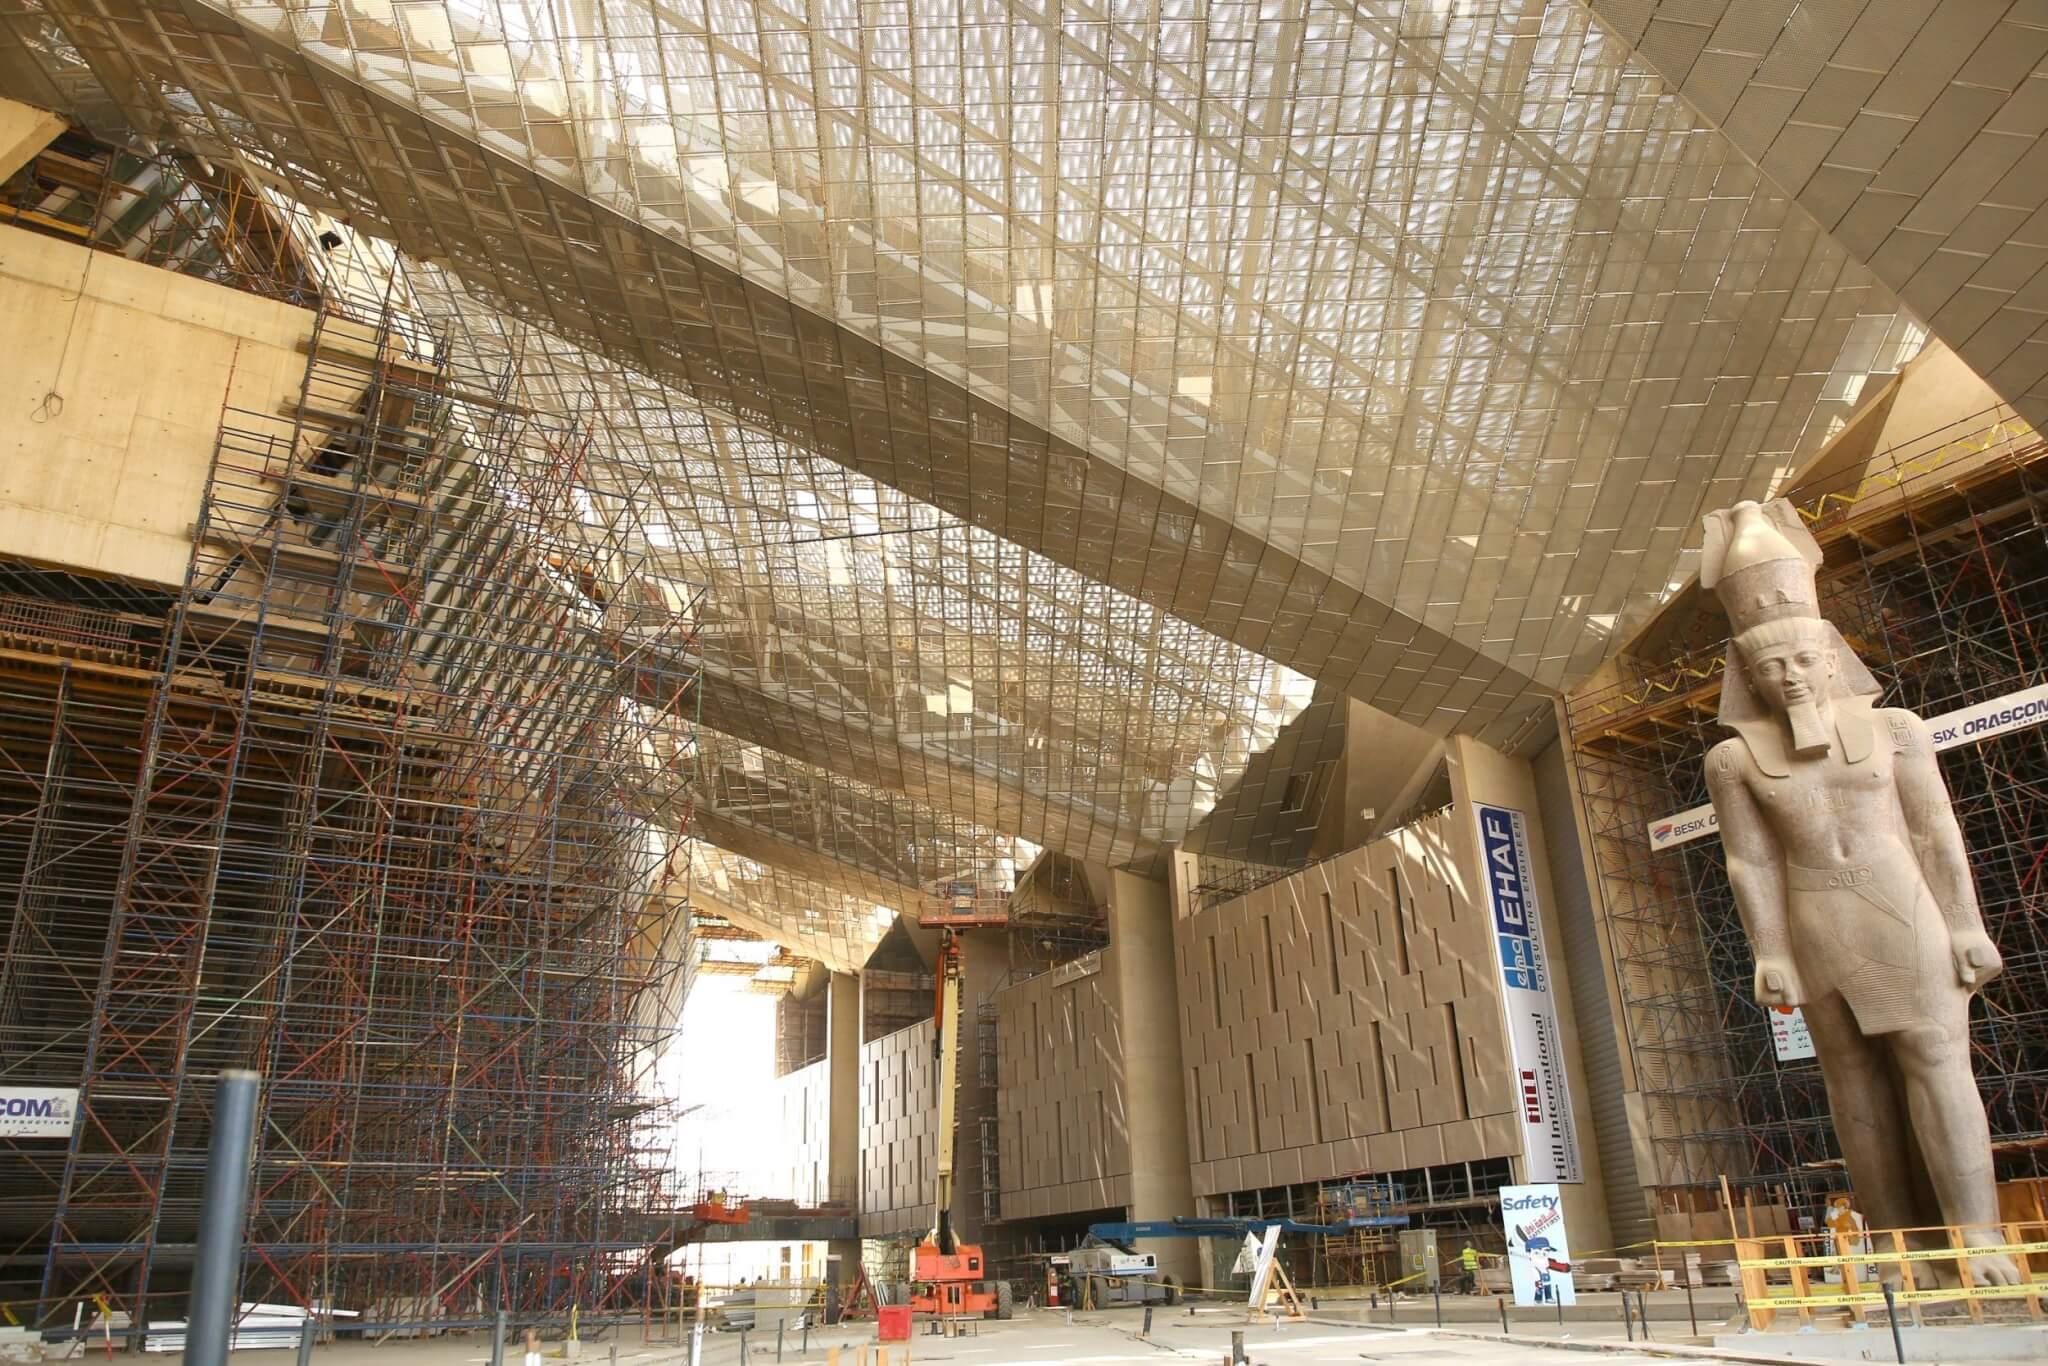 El Gran Museo Egipcio abrirá sus puertas en 2020